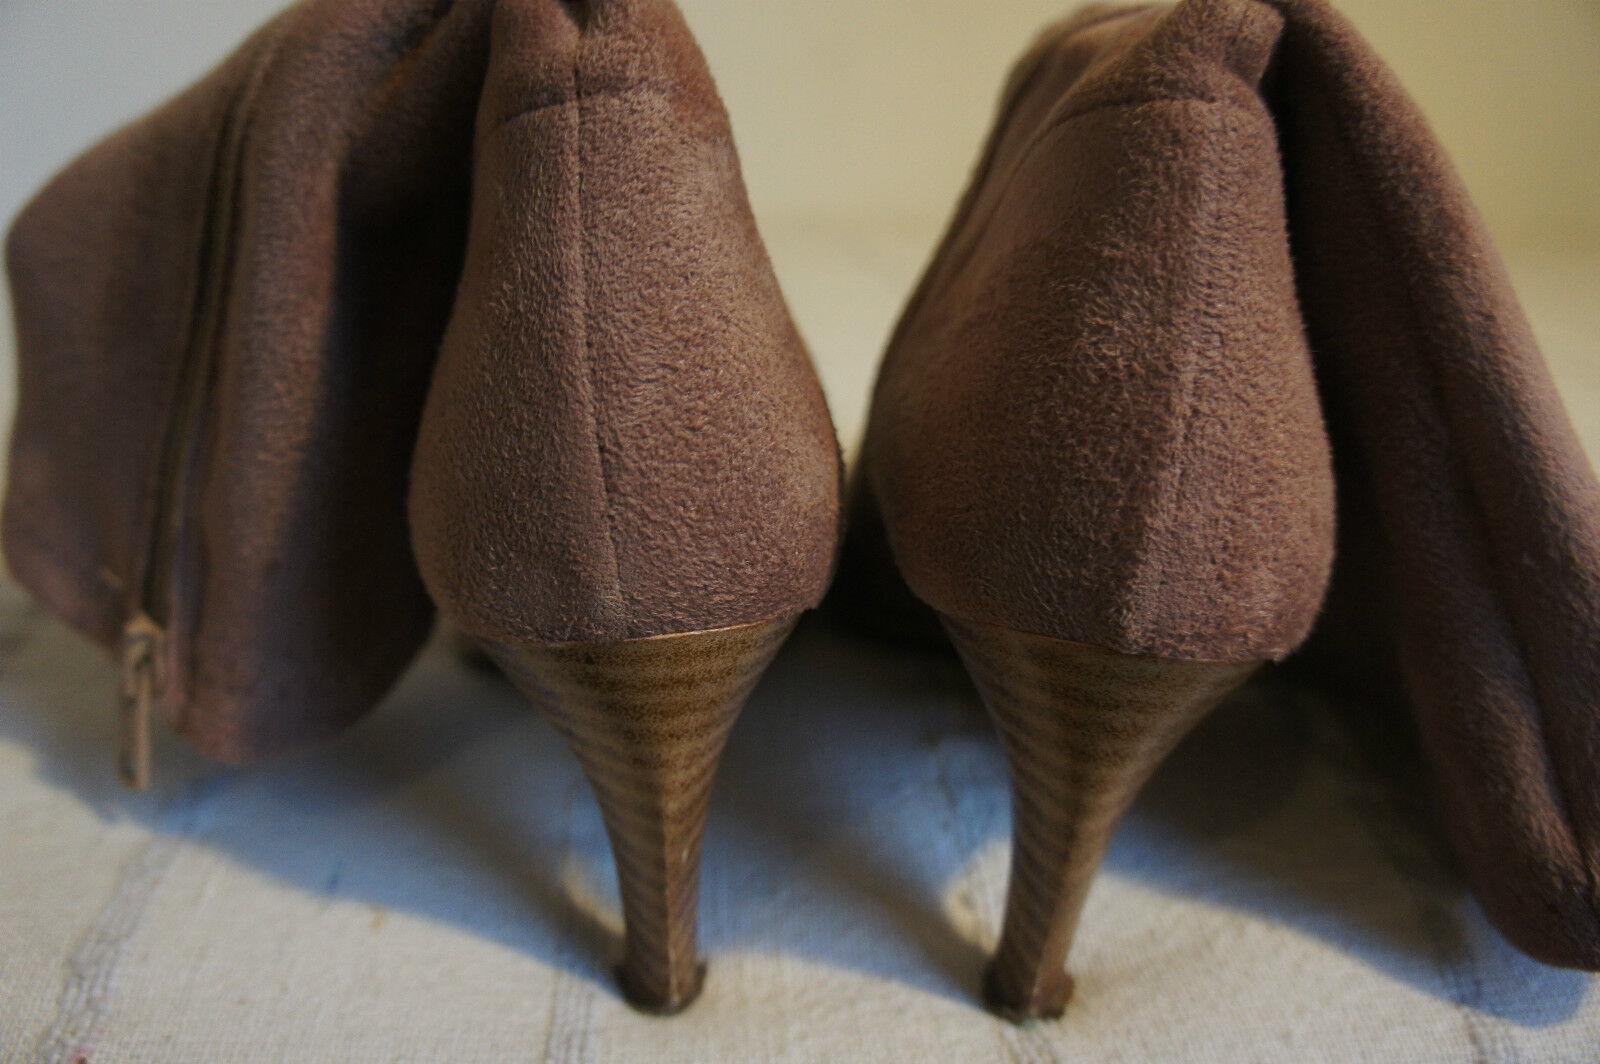 Stiefeletten von C.L.V. C.L.V. von Made in Italy f4971f